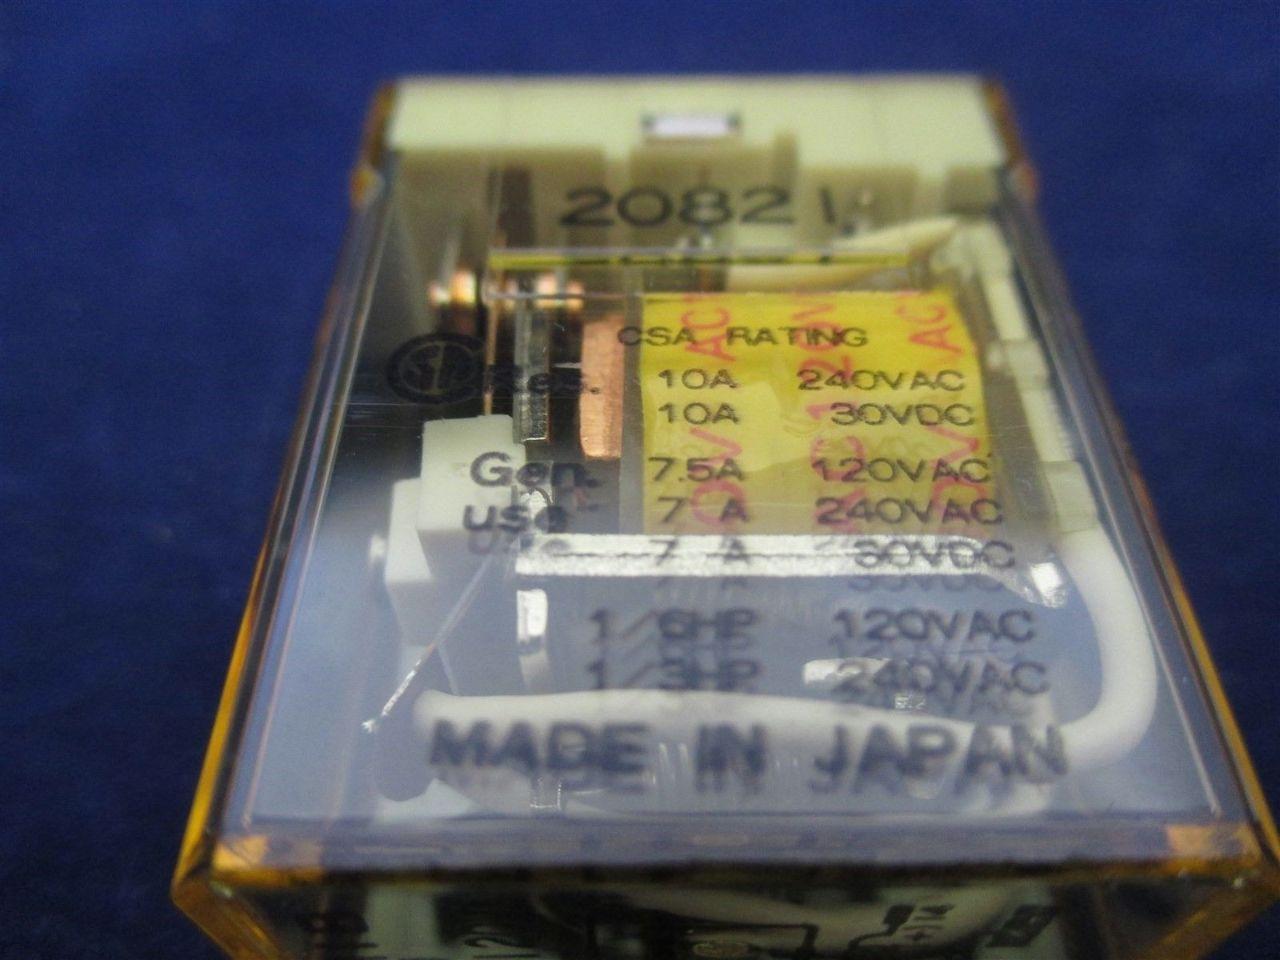 Relay Wiring Diagram Dayton Socket 8 Pin Relay Wiring Diagram Plc